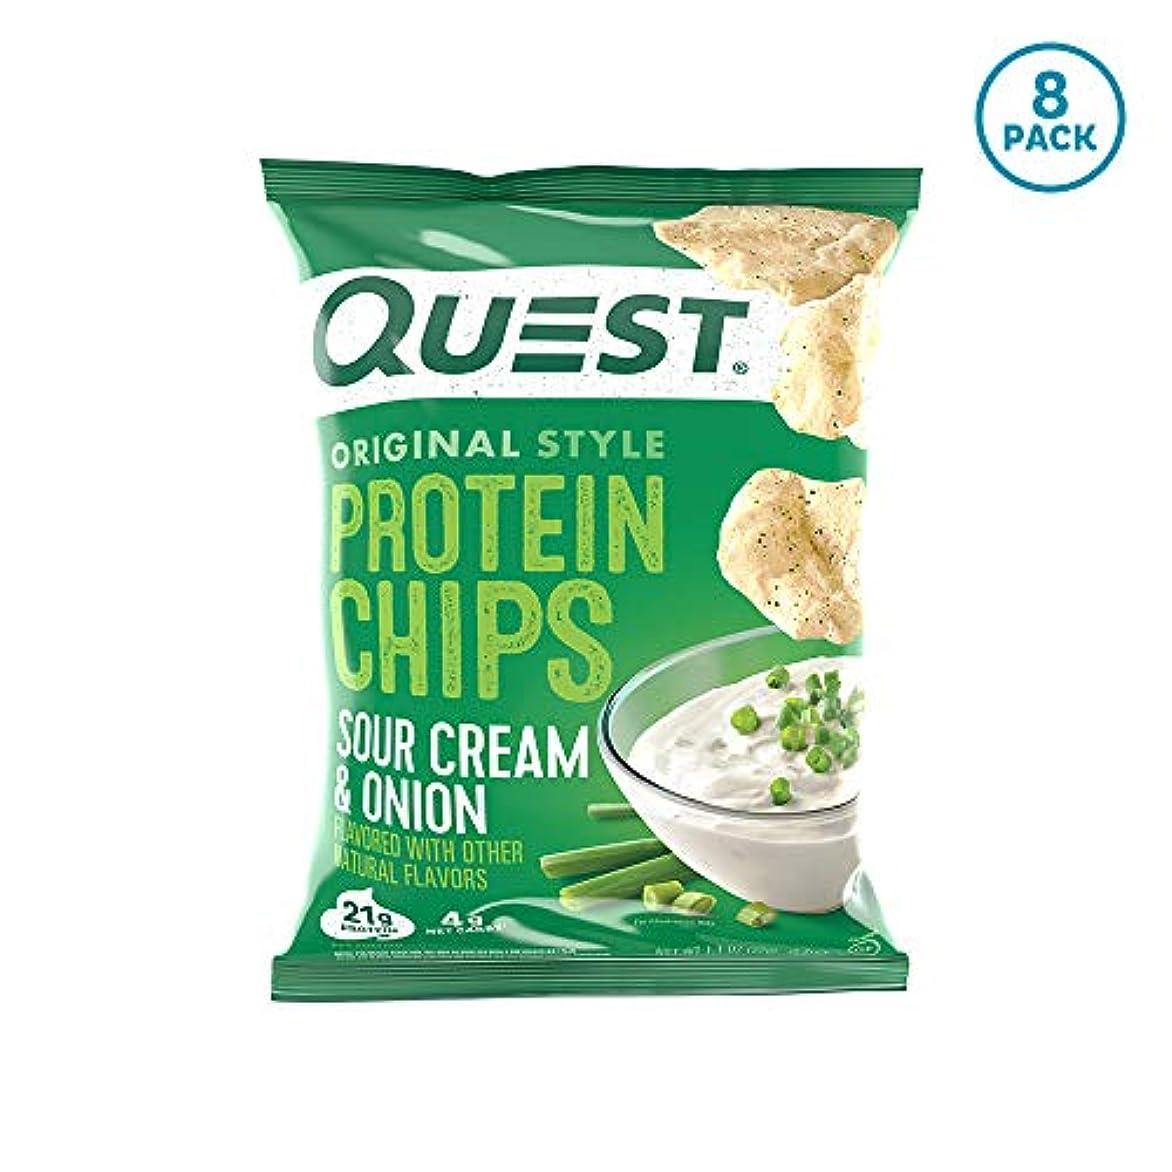 北極圏割り当て拘束プロテイン チップス サワークリーム&オニオン フレイバー クエスト 8袋セット 並行輸入品 Quest Nutrition Protein Chips Sour Cream & Onion Pack of 8 海外直送品